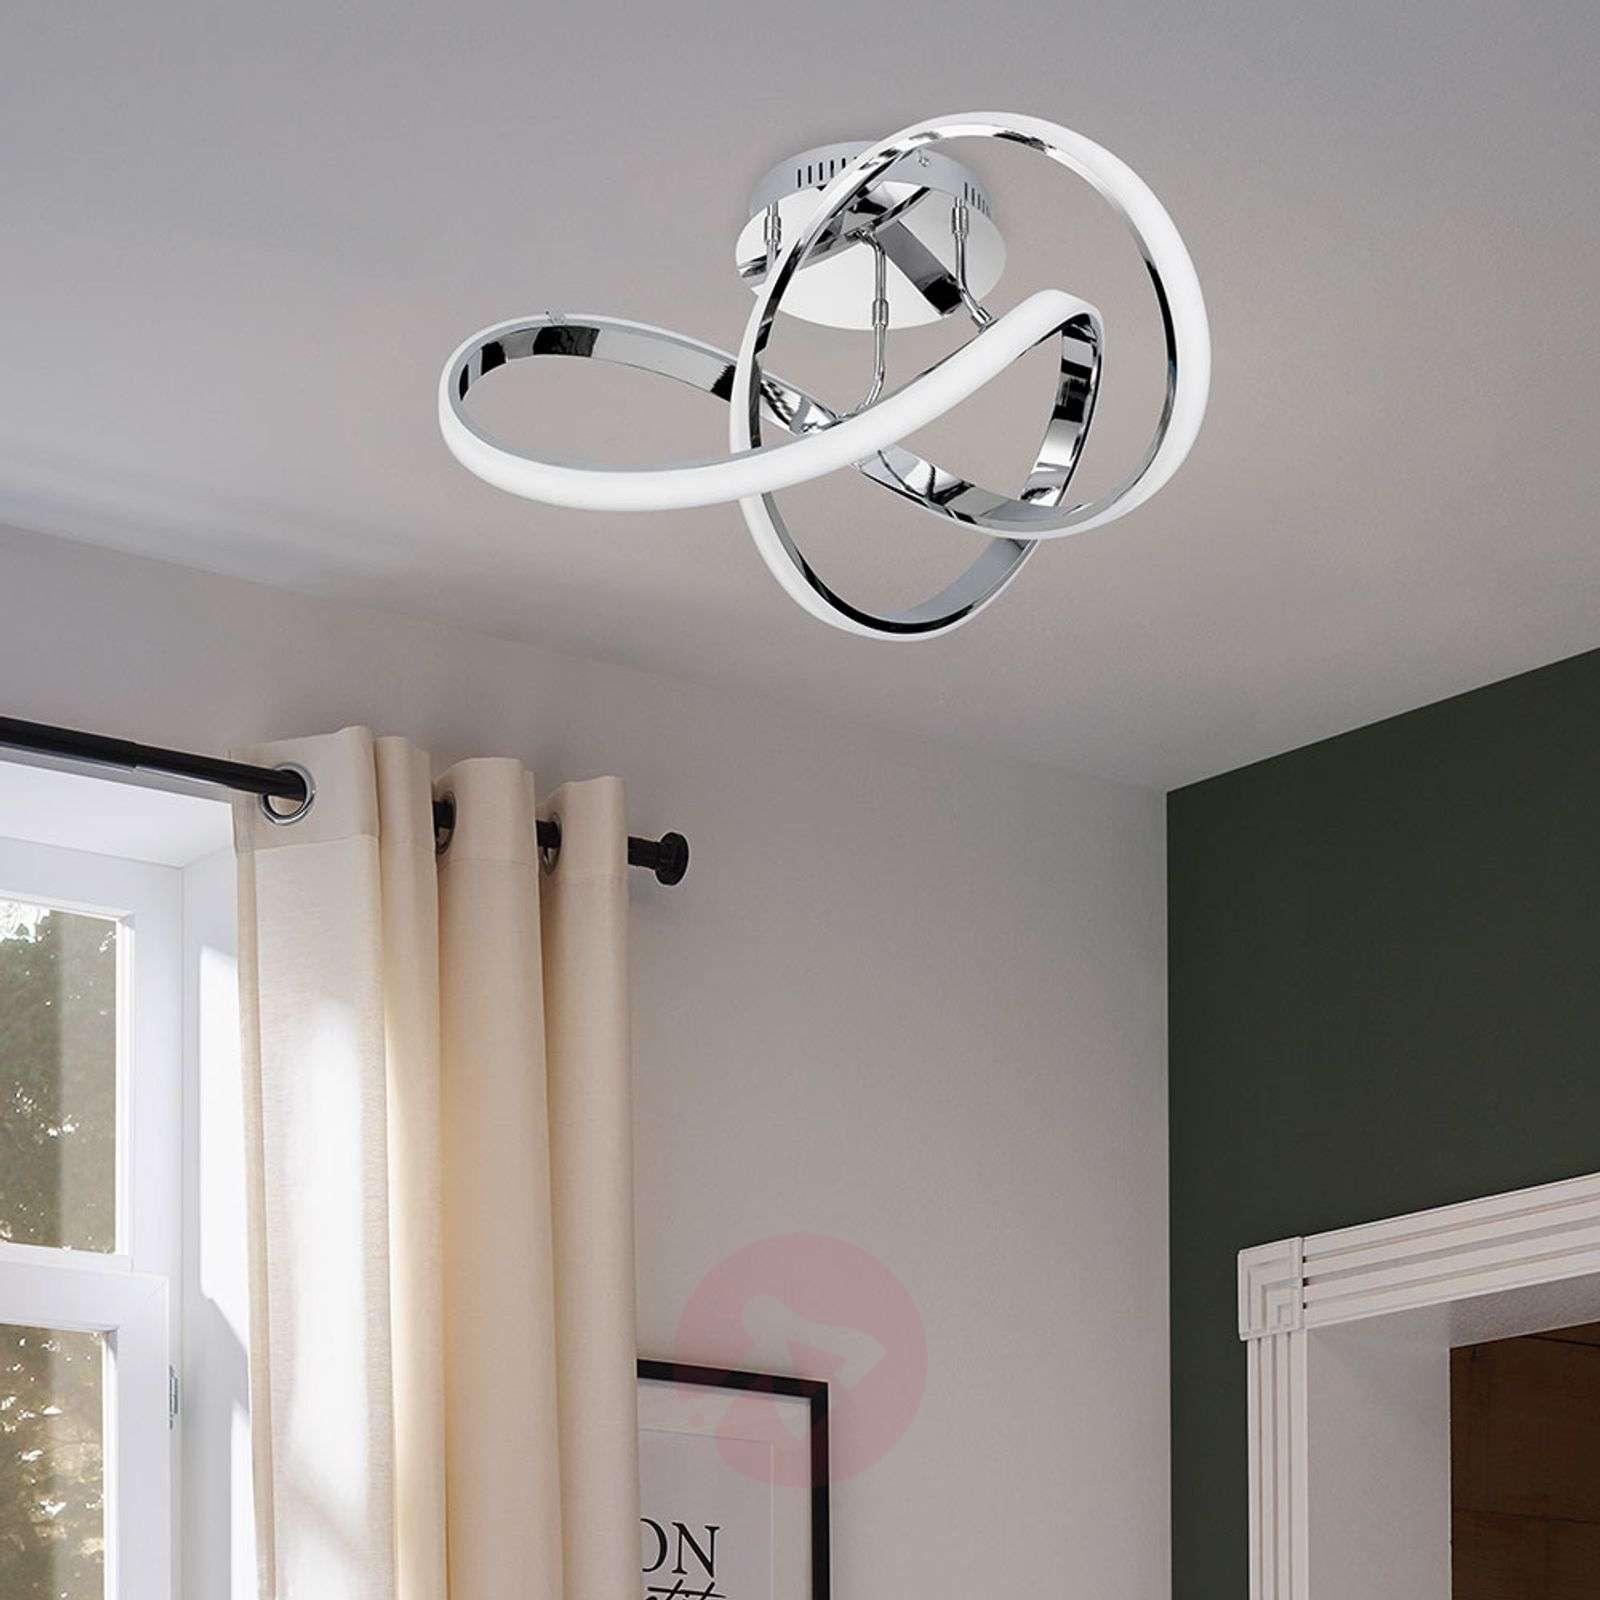 Krominhohtoinen LED-kattovalaisin Indigo-9652075-01